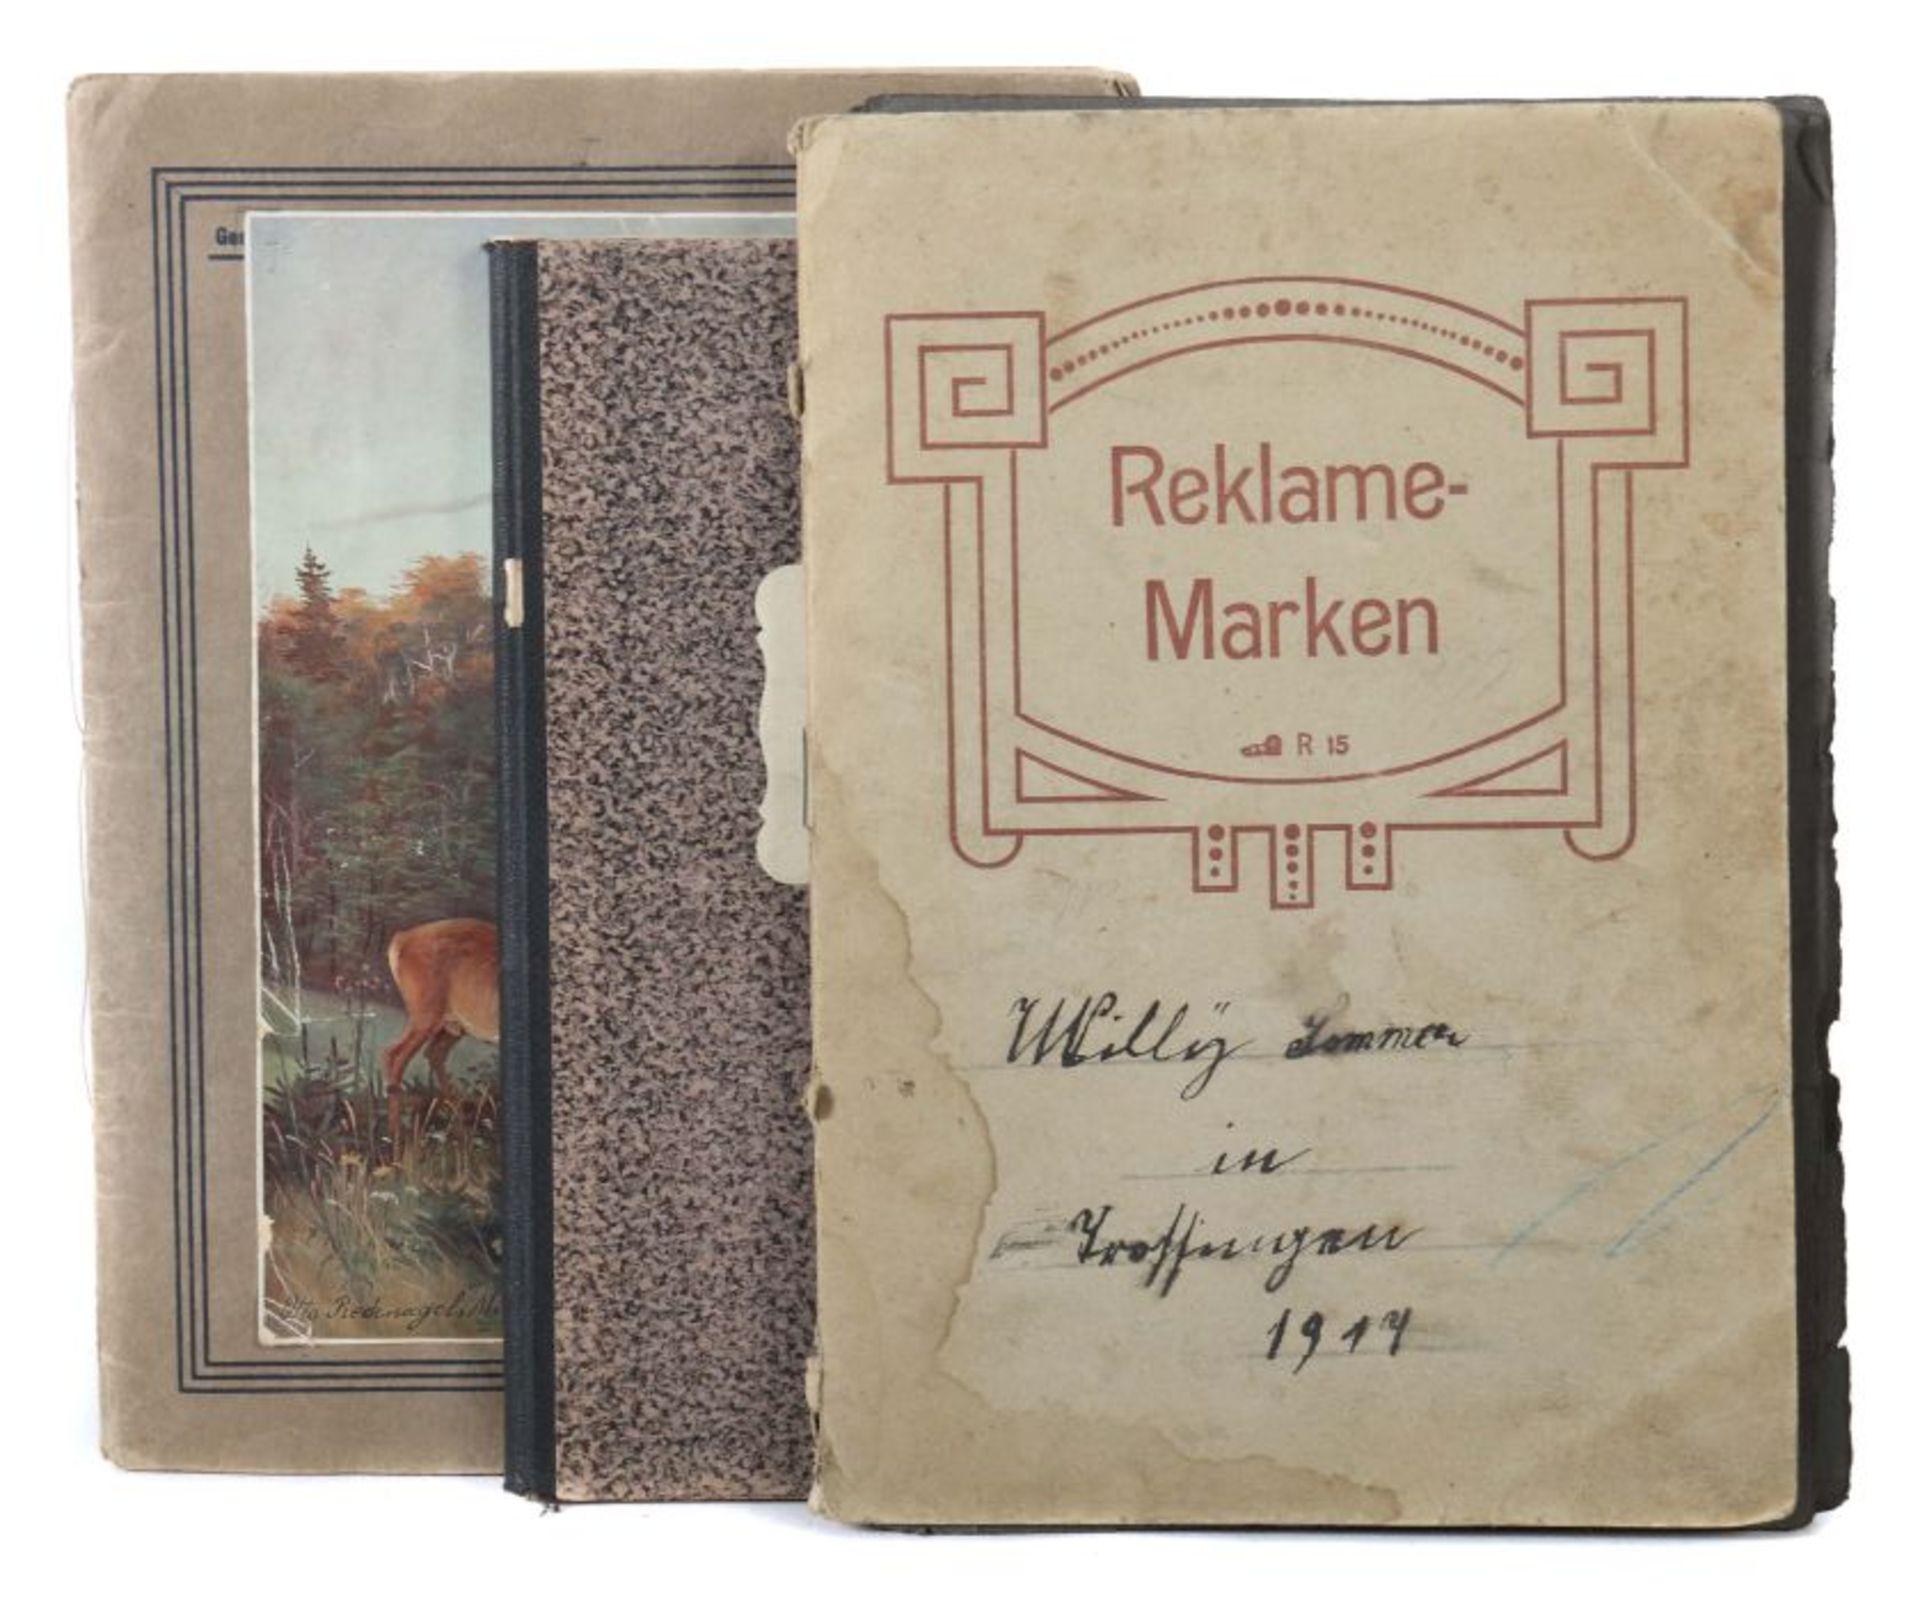 3 Werbevignetten-Alben Alben mit ca. 700 Werbevignetten, u.a. Graetzin, Odol, Weck, Matagon,